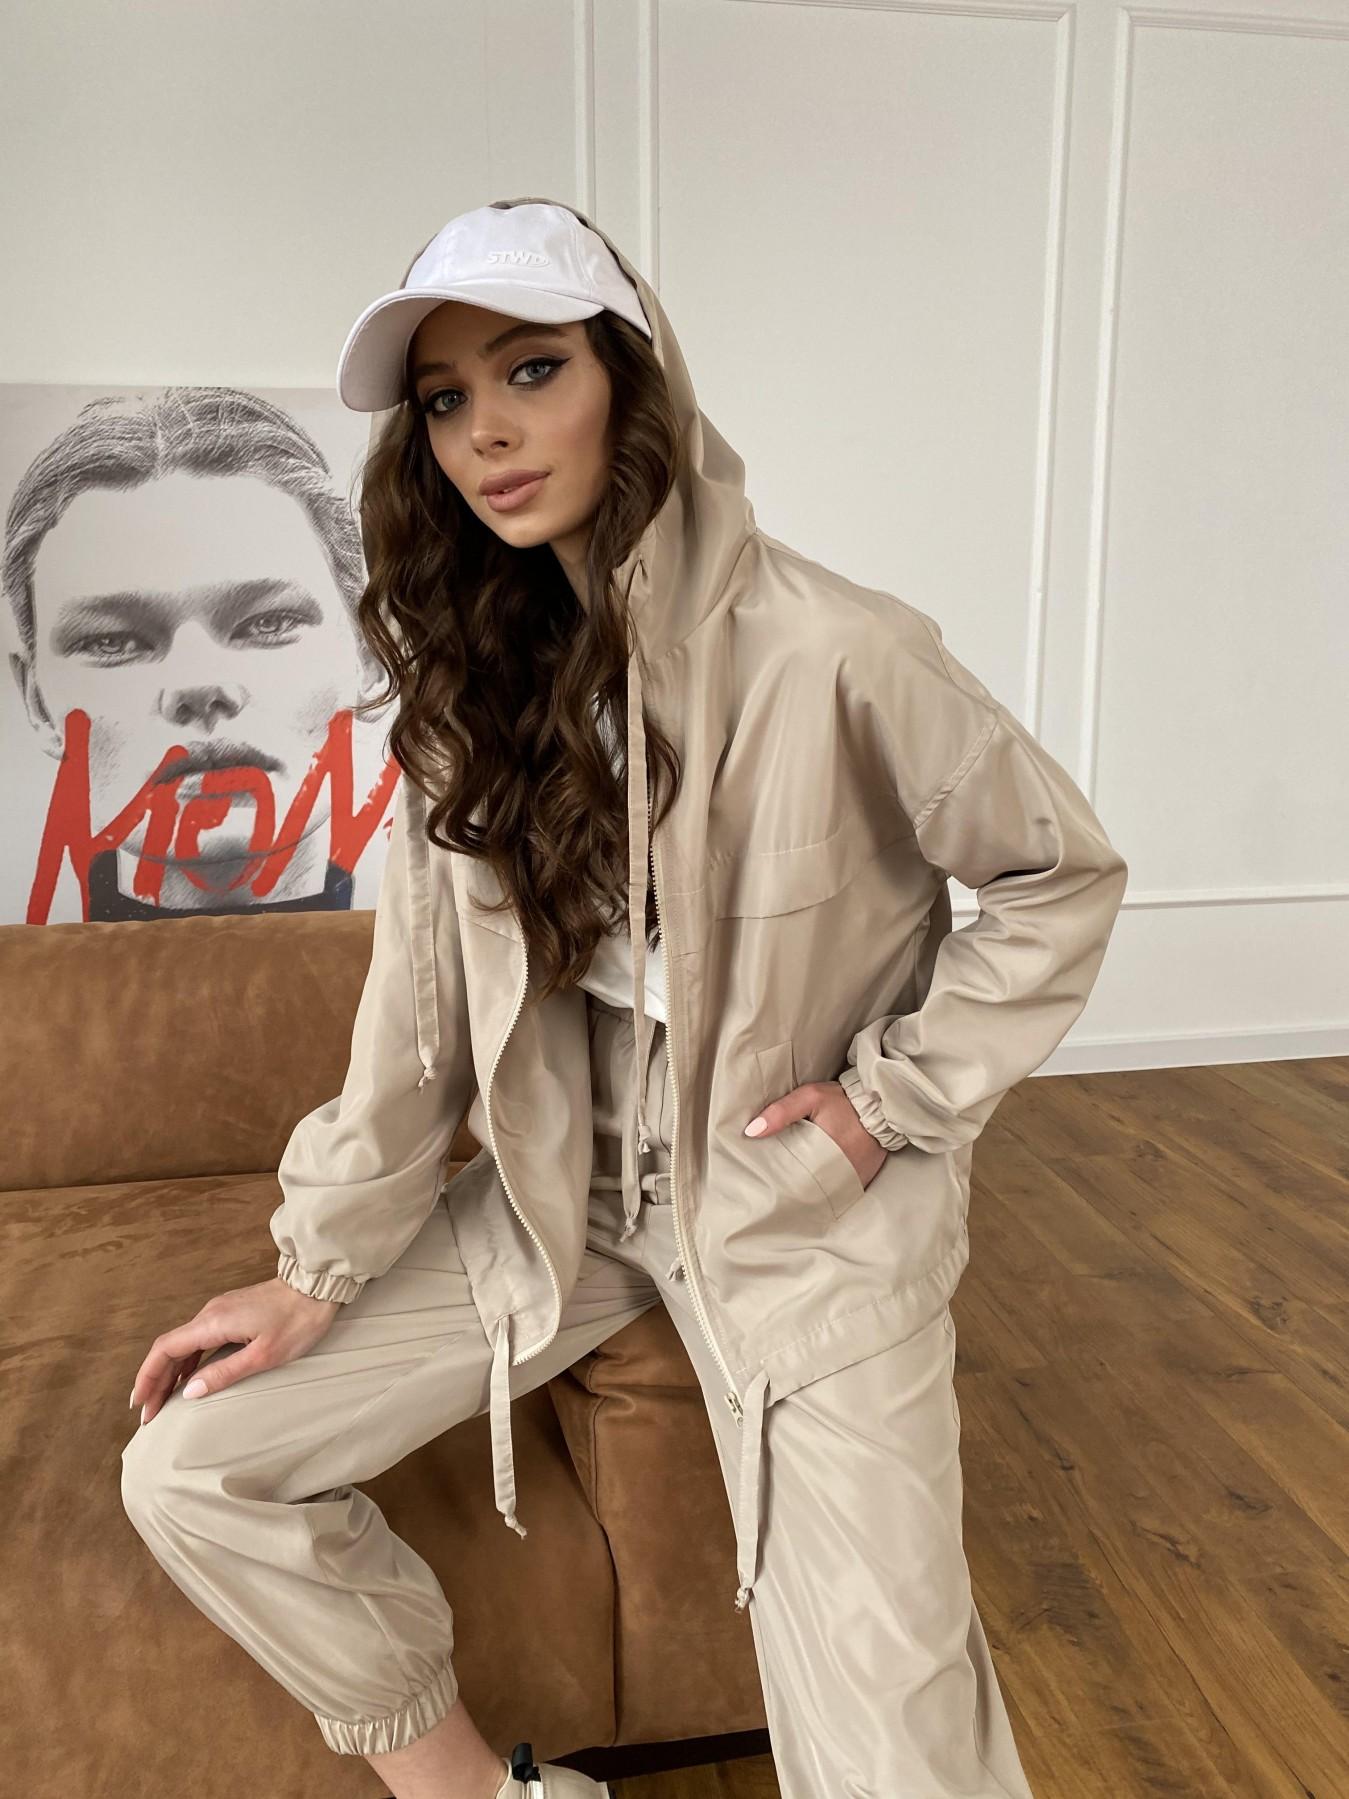 Фит костюм из плащевой ткани 11005 АРТ. 47502 Цвет: Бежевый - фото 12, интернет магазин tm-modus.ru